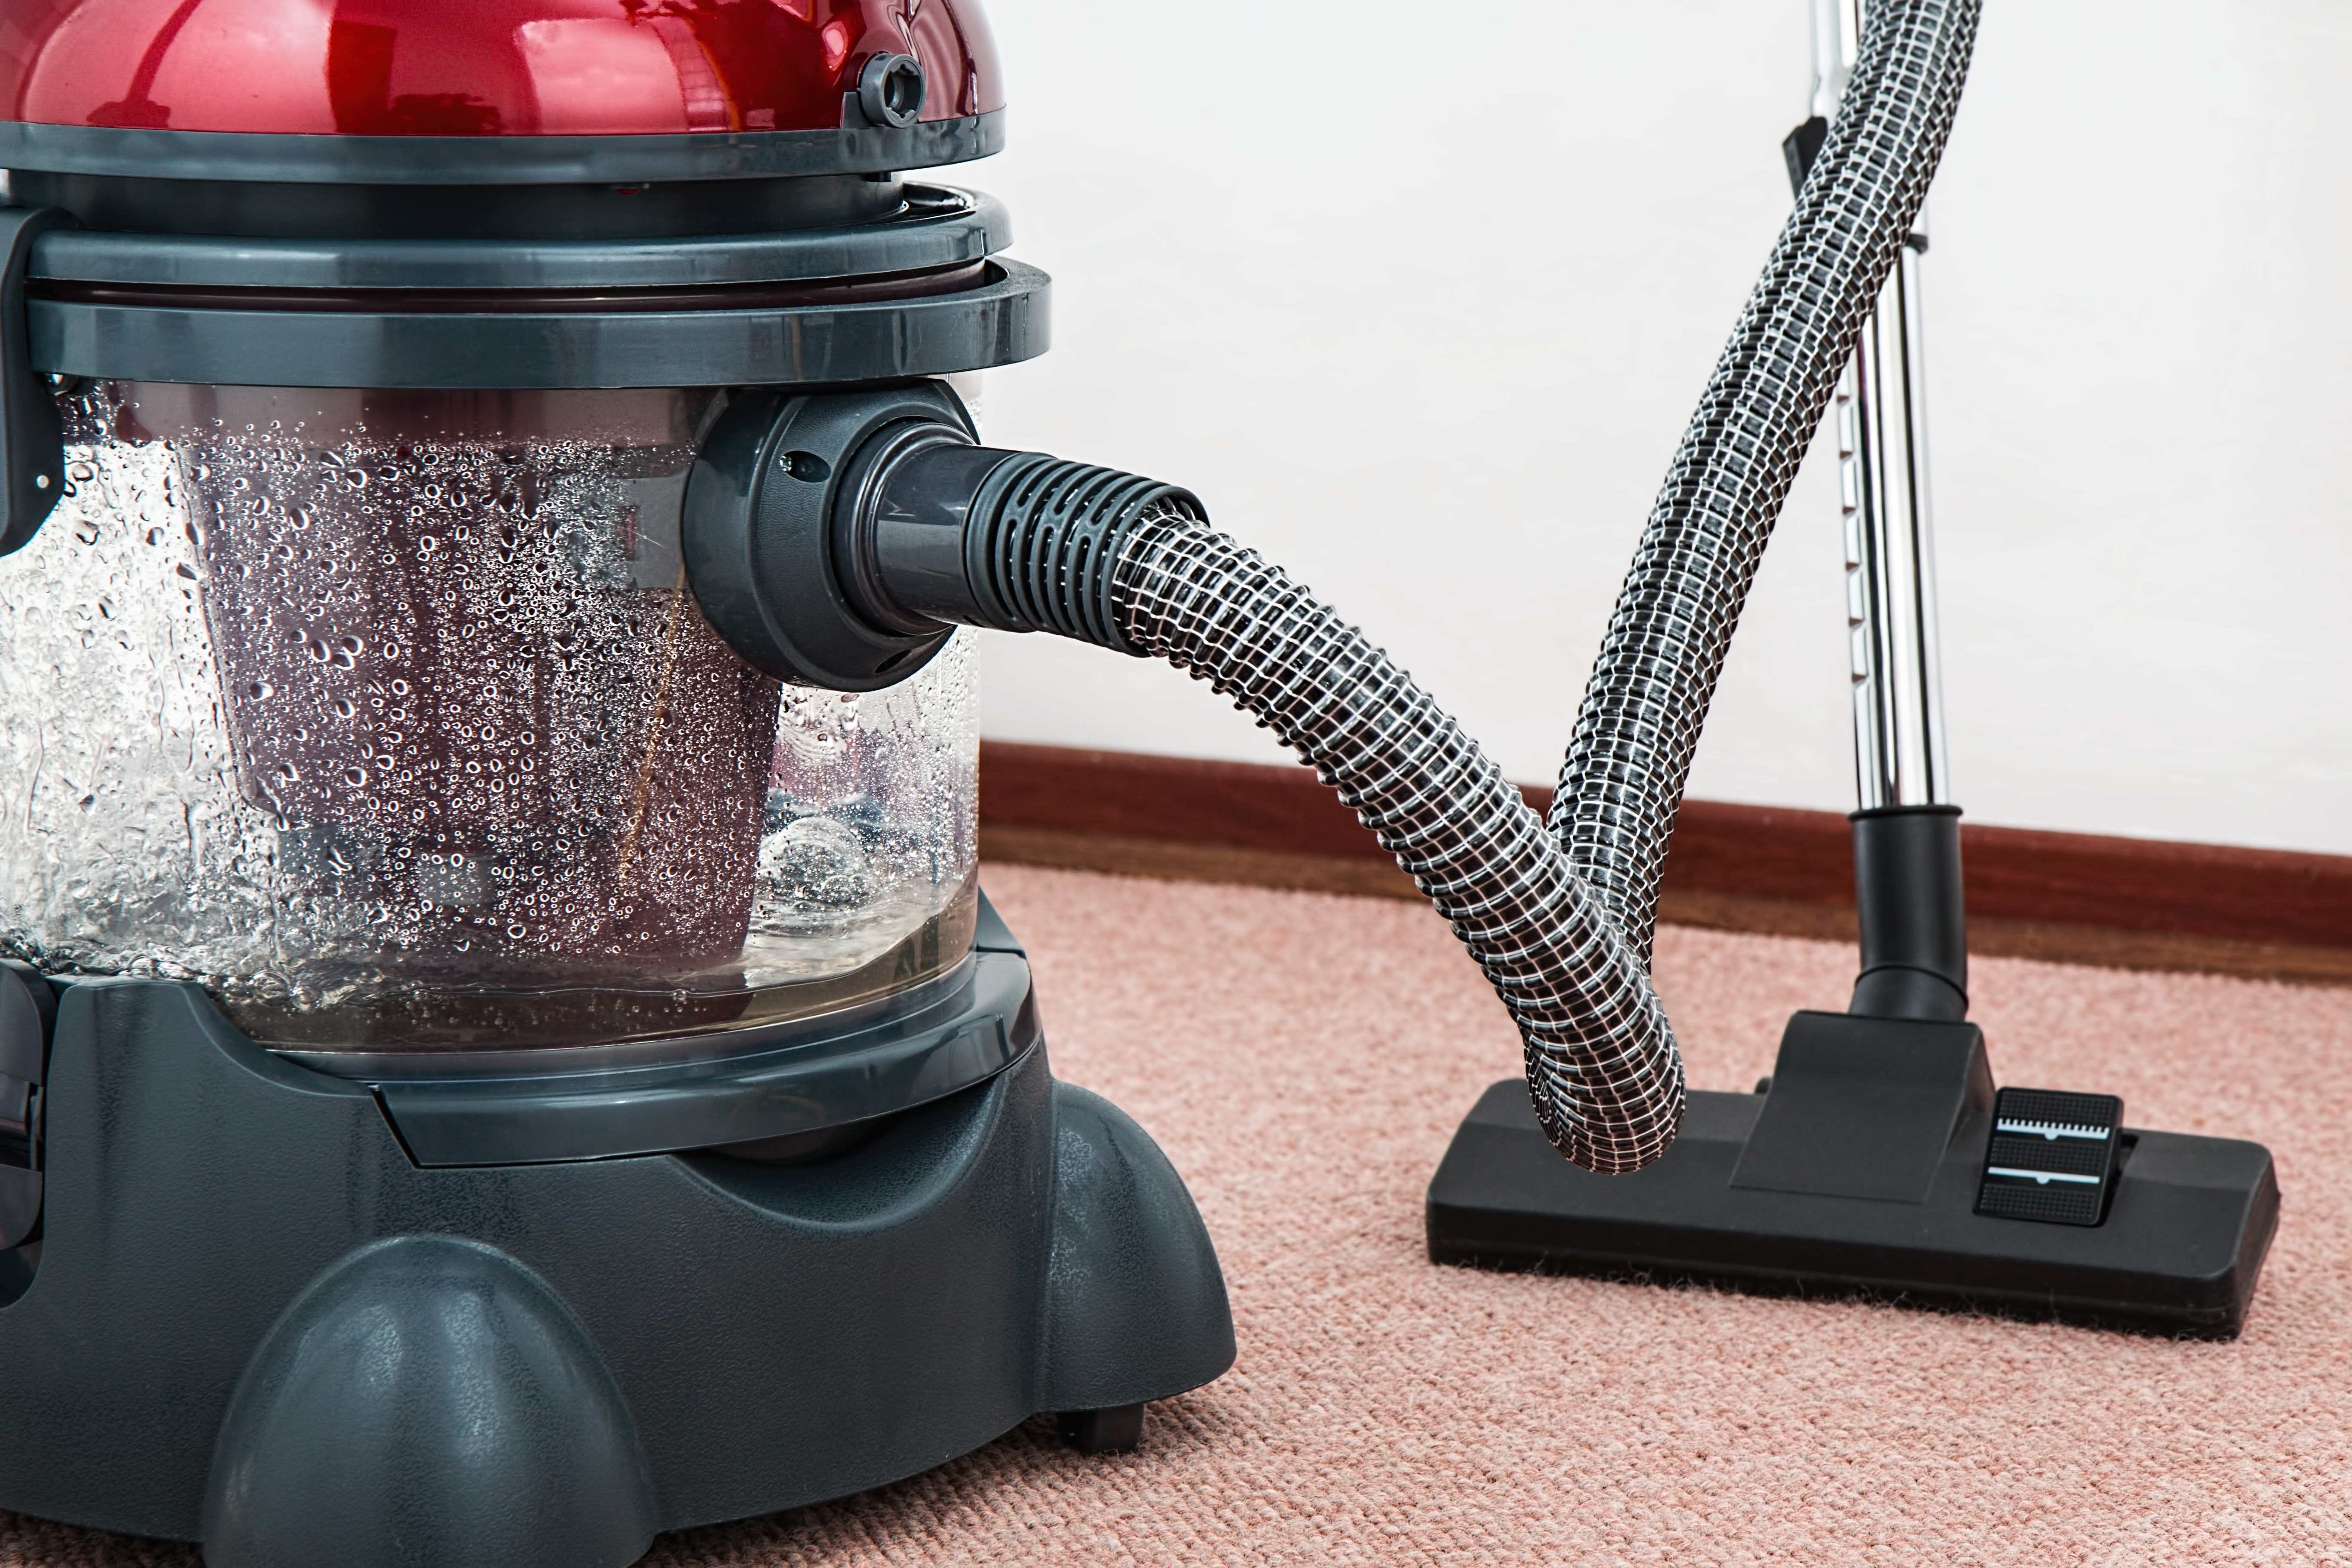 כמה עולה לנקות שטיח מקיר לקיר?